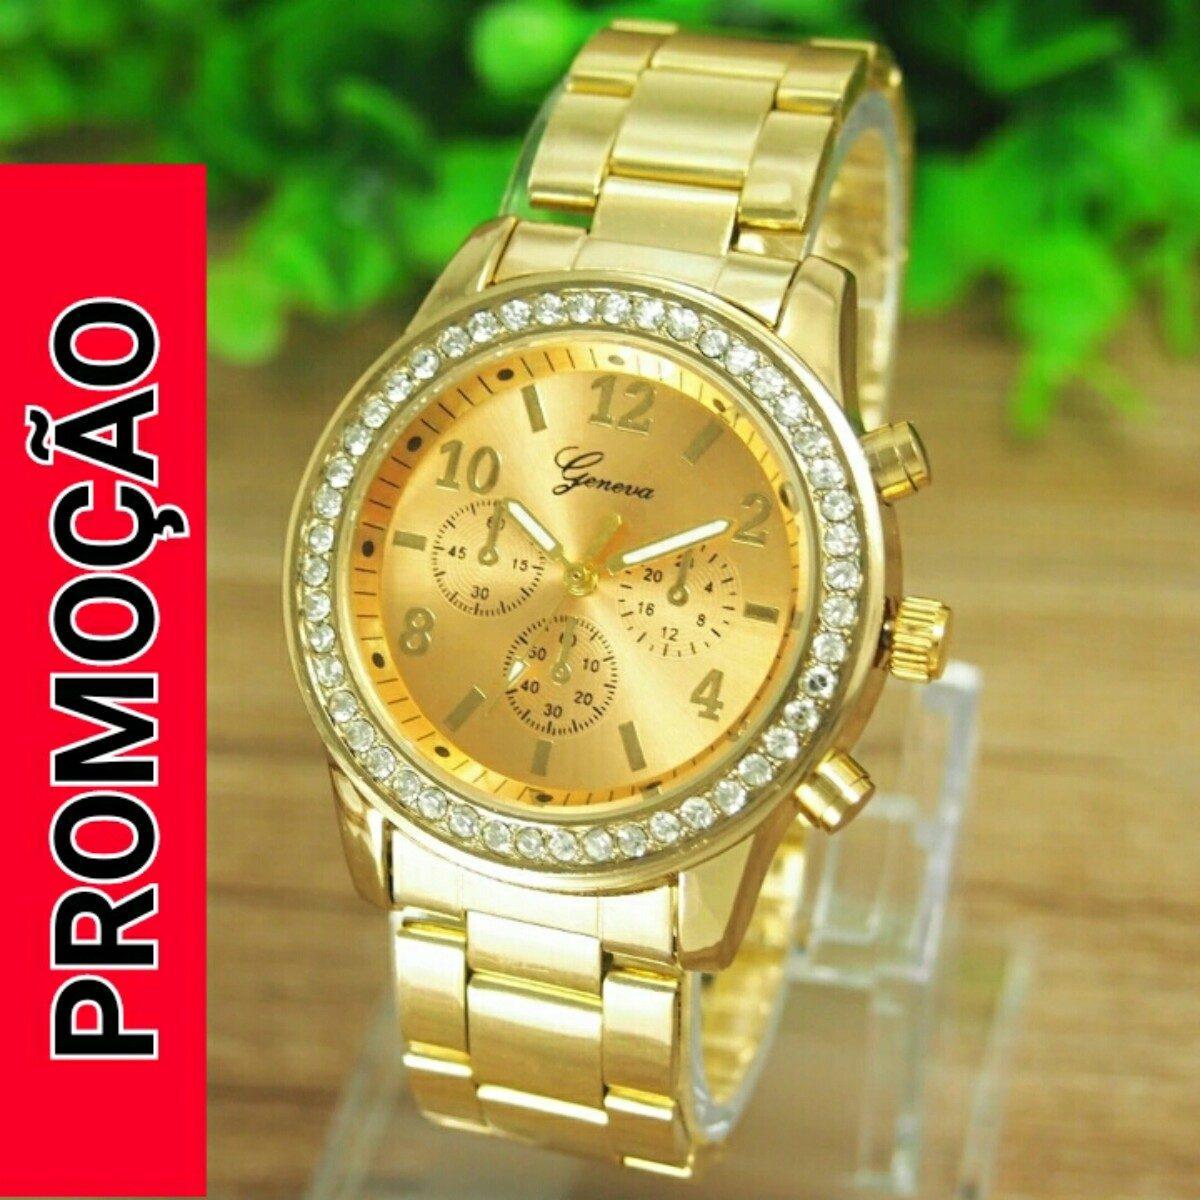 b6ee42390 relógio feminino geneva dourado analógico promoção. Carregando zoom.